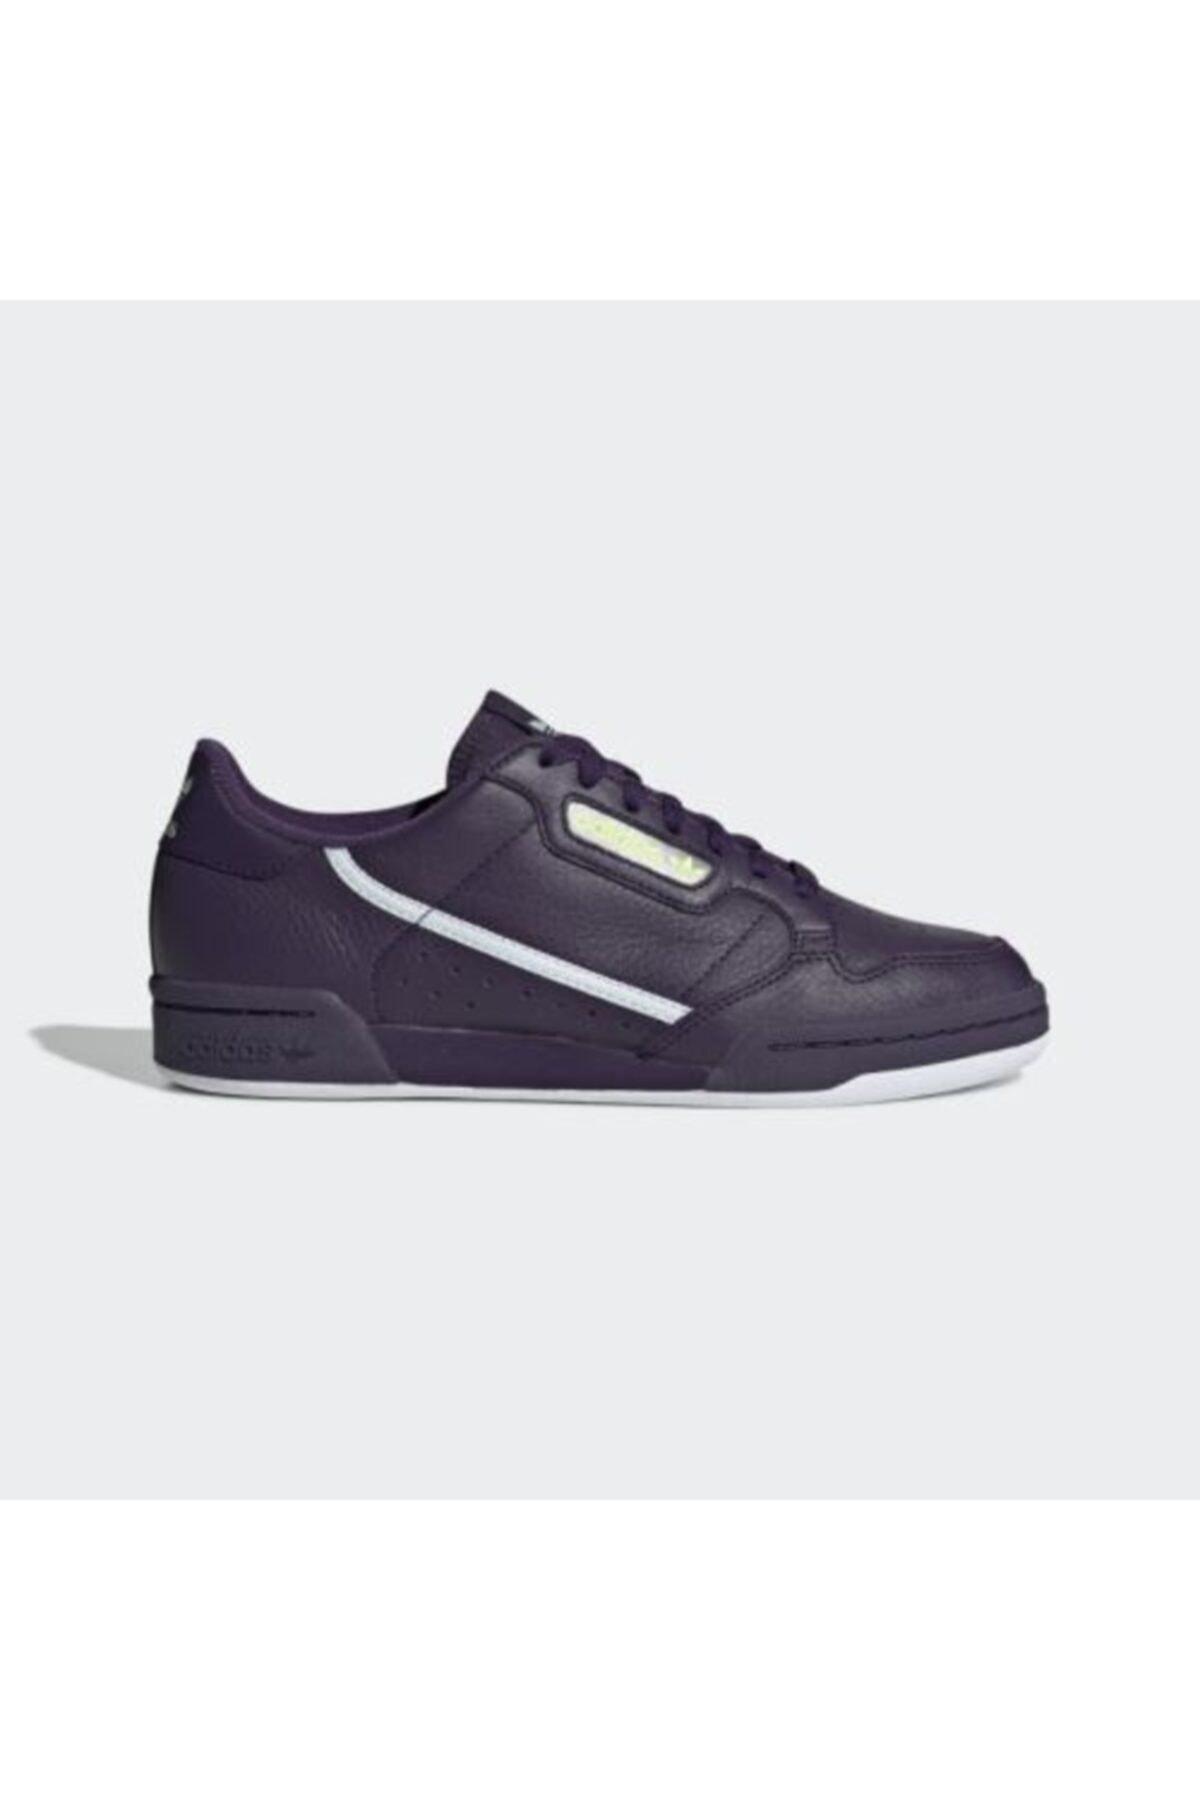 adidas Unisex Mor Continental 80 W Günlük Spor Ayakkabı 1